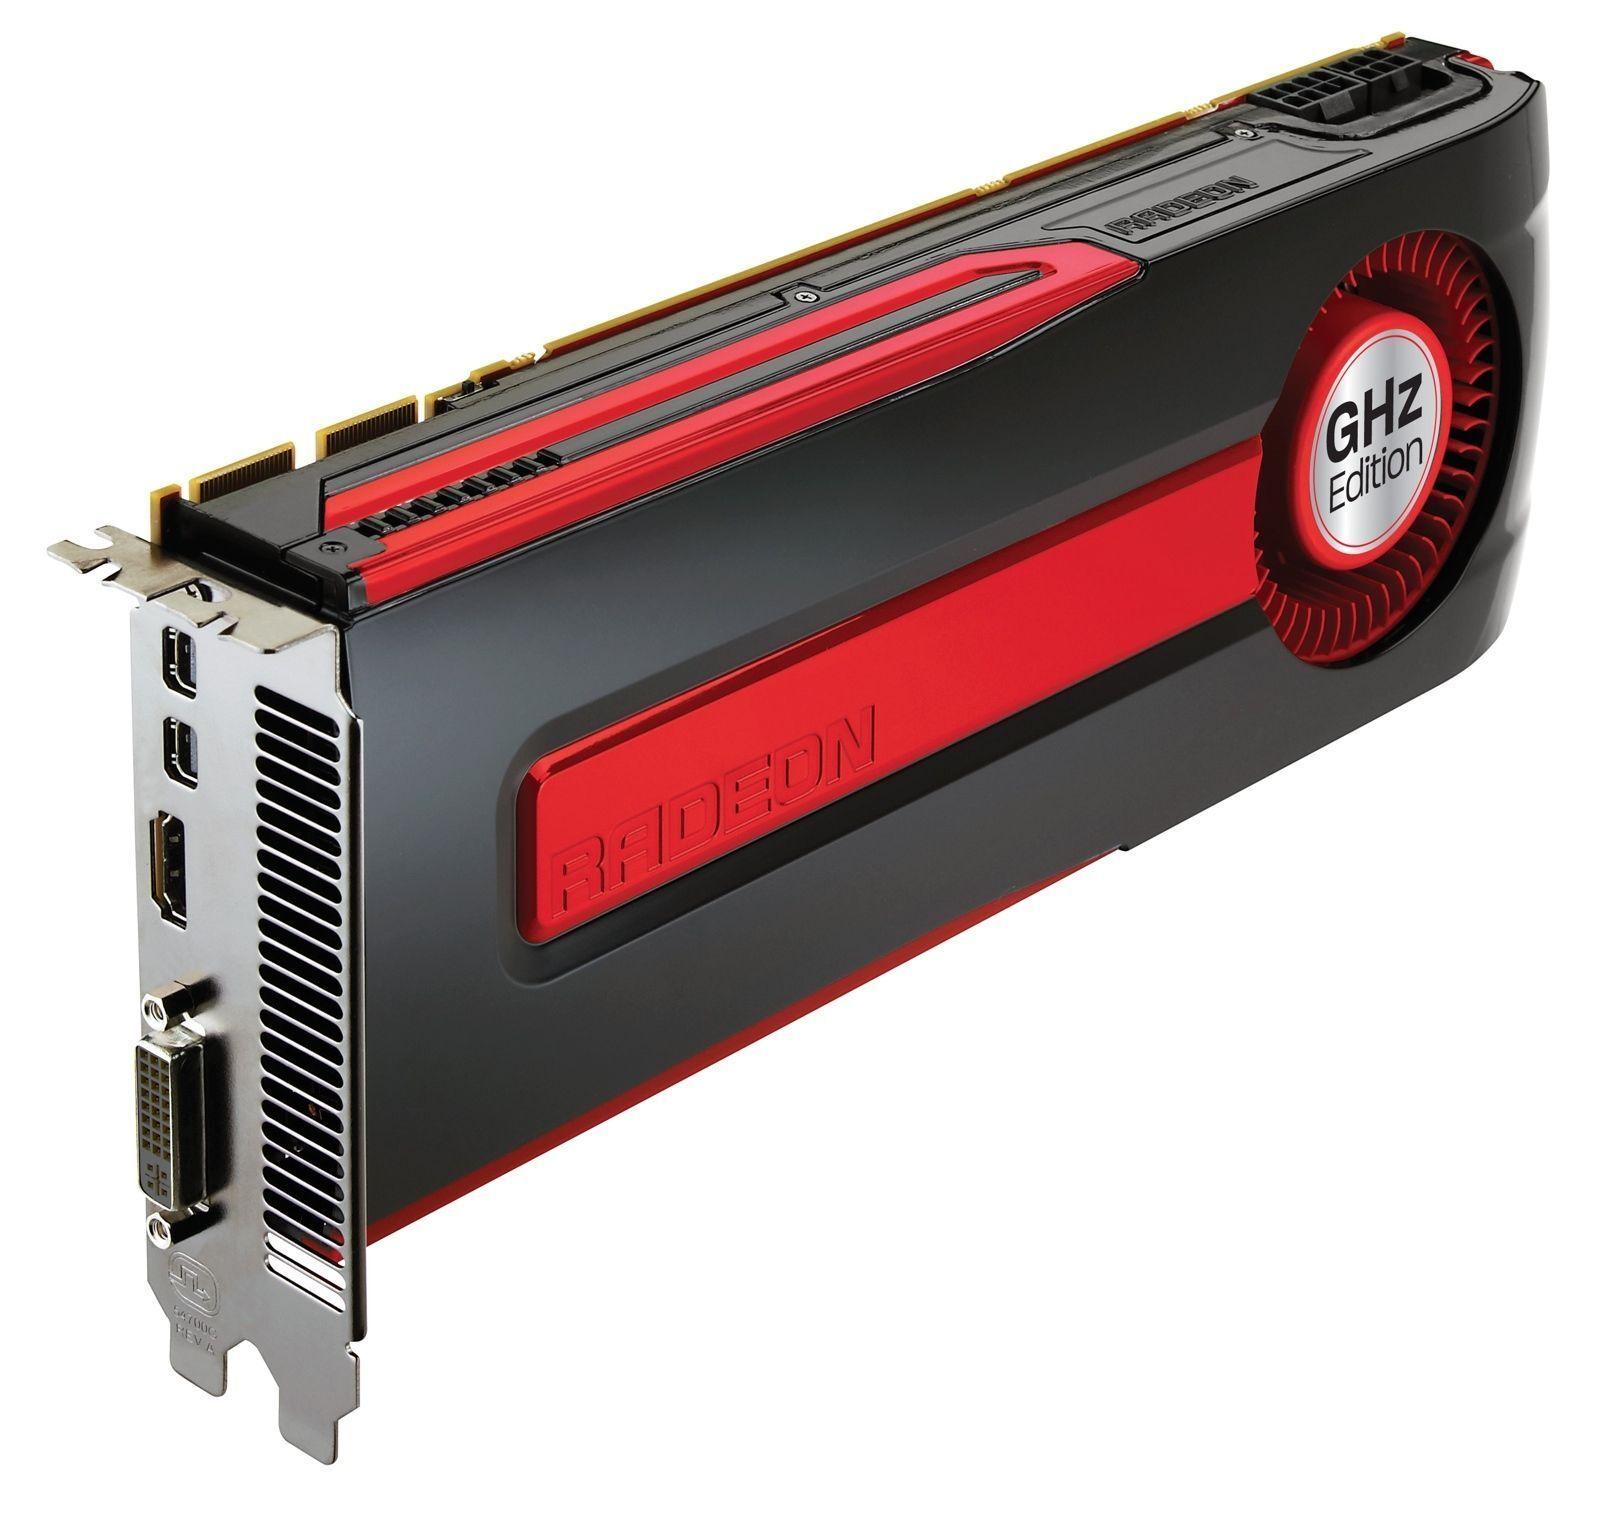 AMD Radeon 7970 GHz Edition